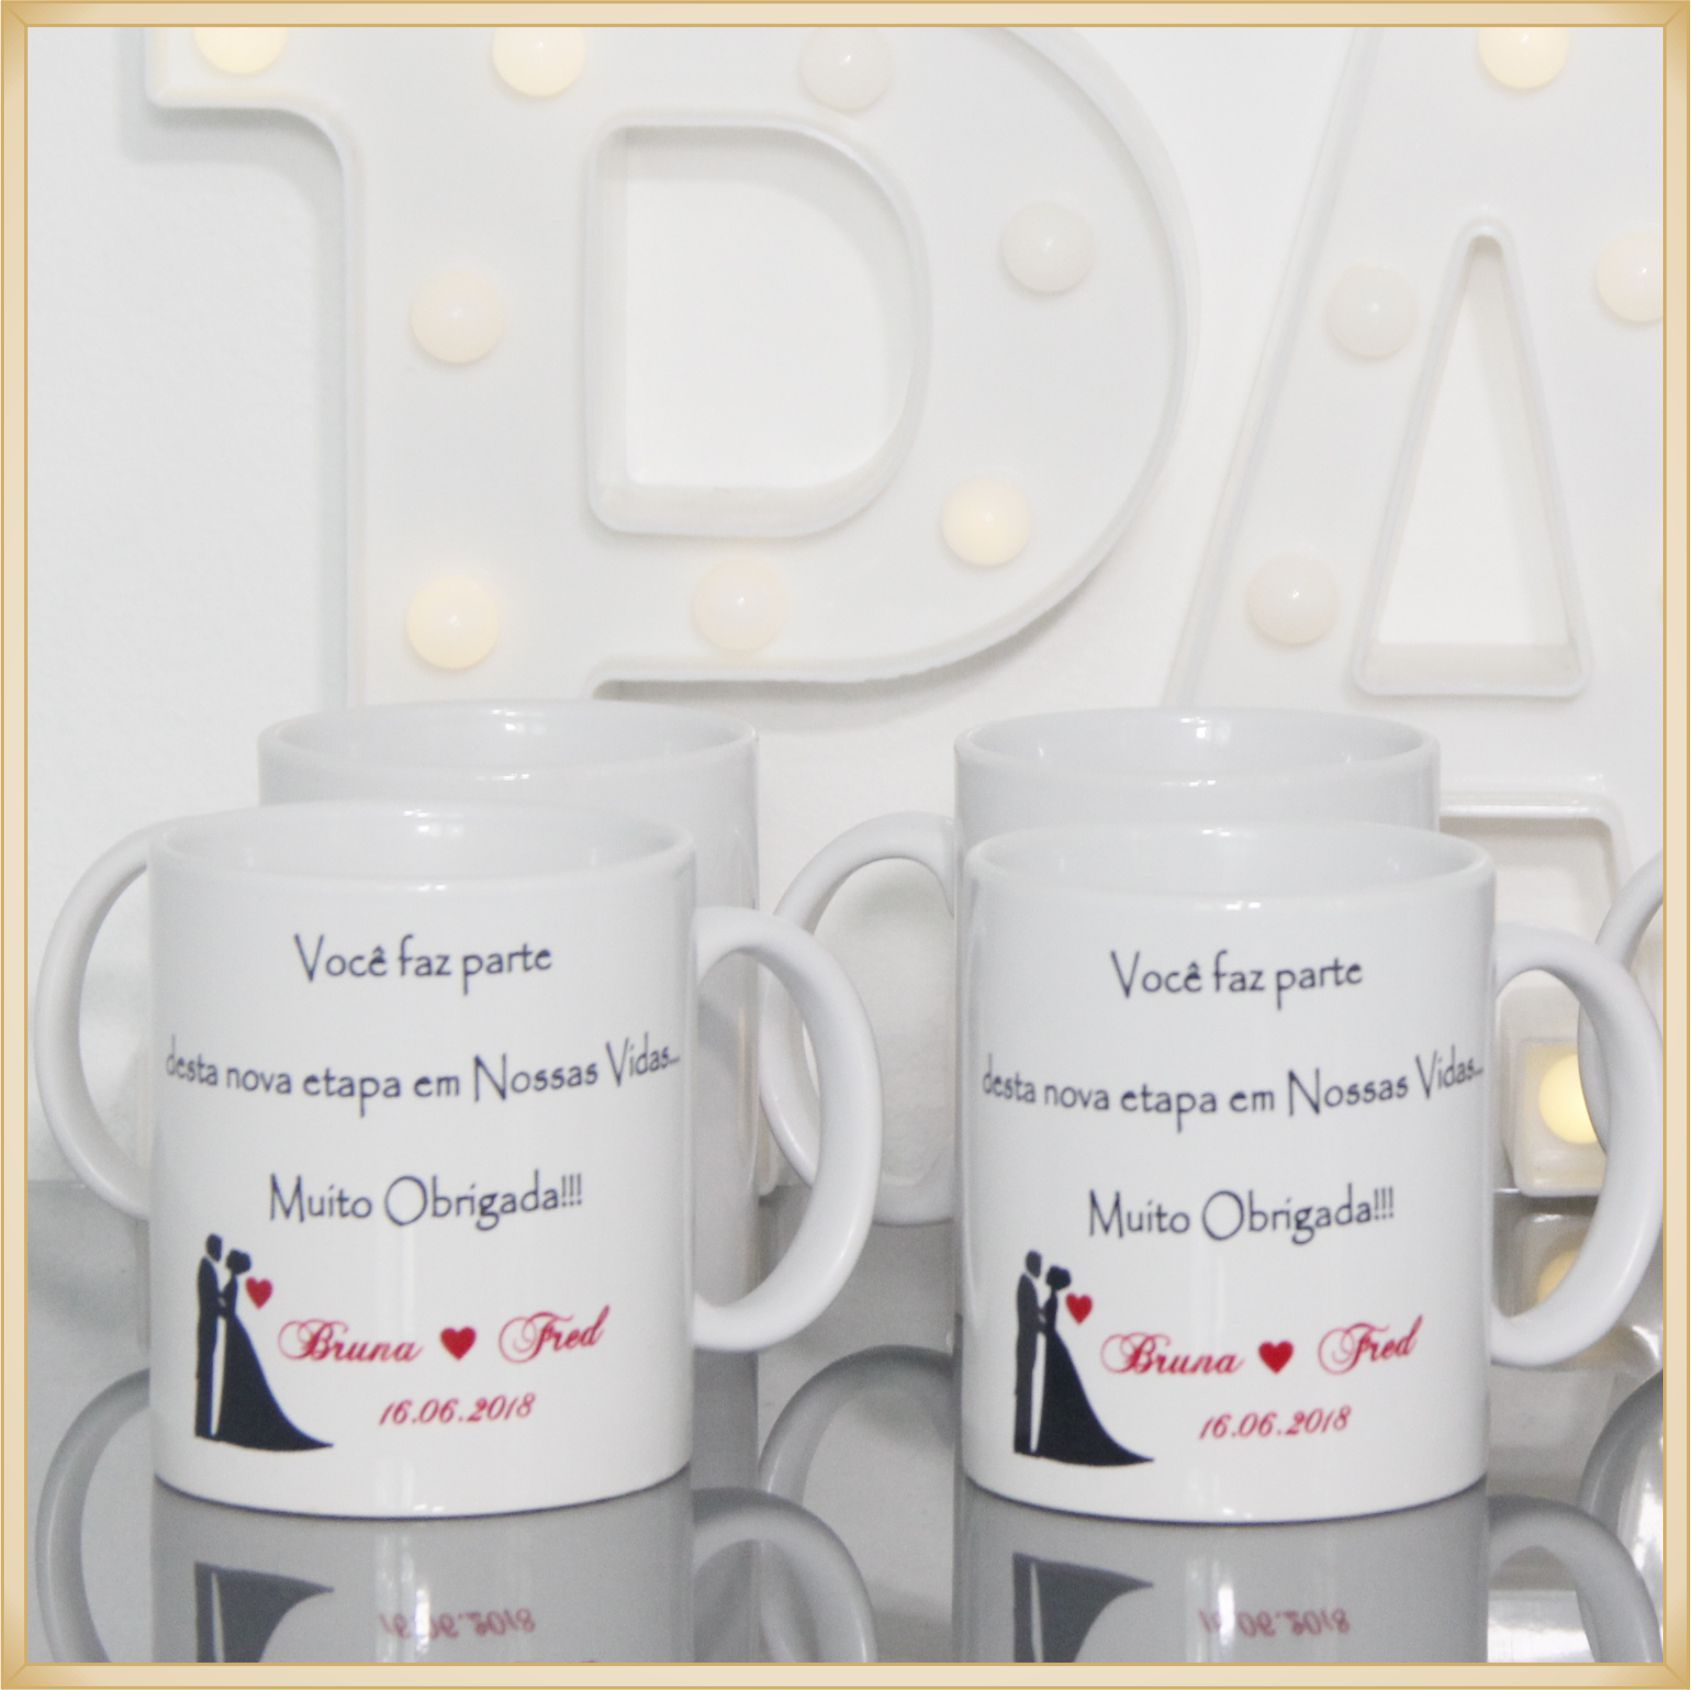 Canecas de porcelana personalizadas - estampa de alta qualidade, cores vivas, acabamento perfeito, alças confortáveis, 325 ml. - kit com 20 unidades